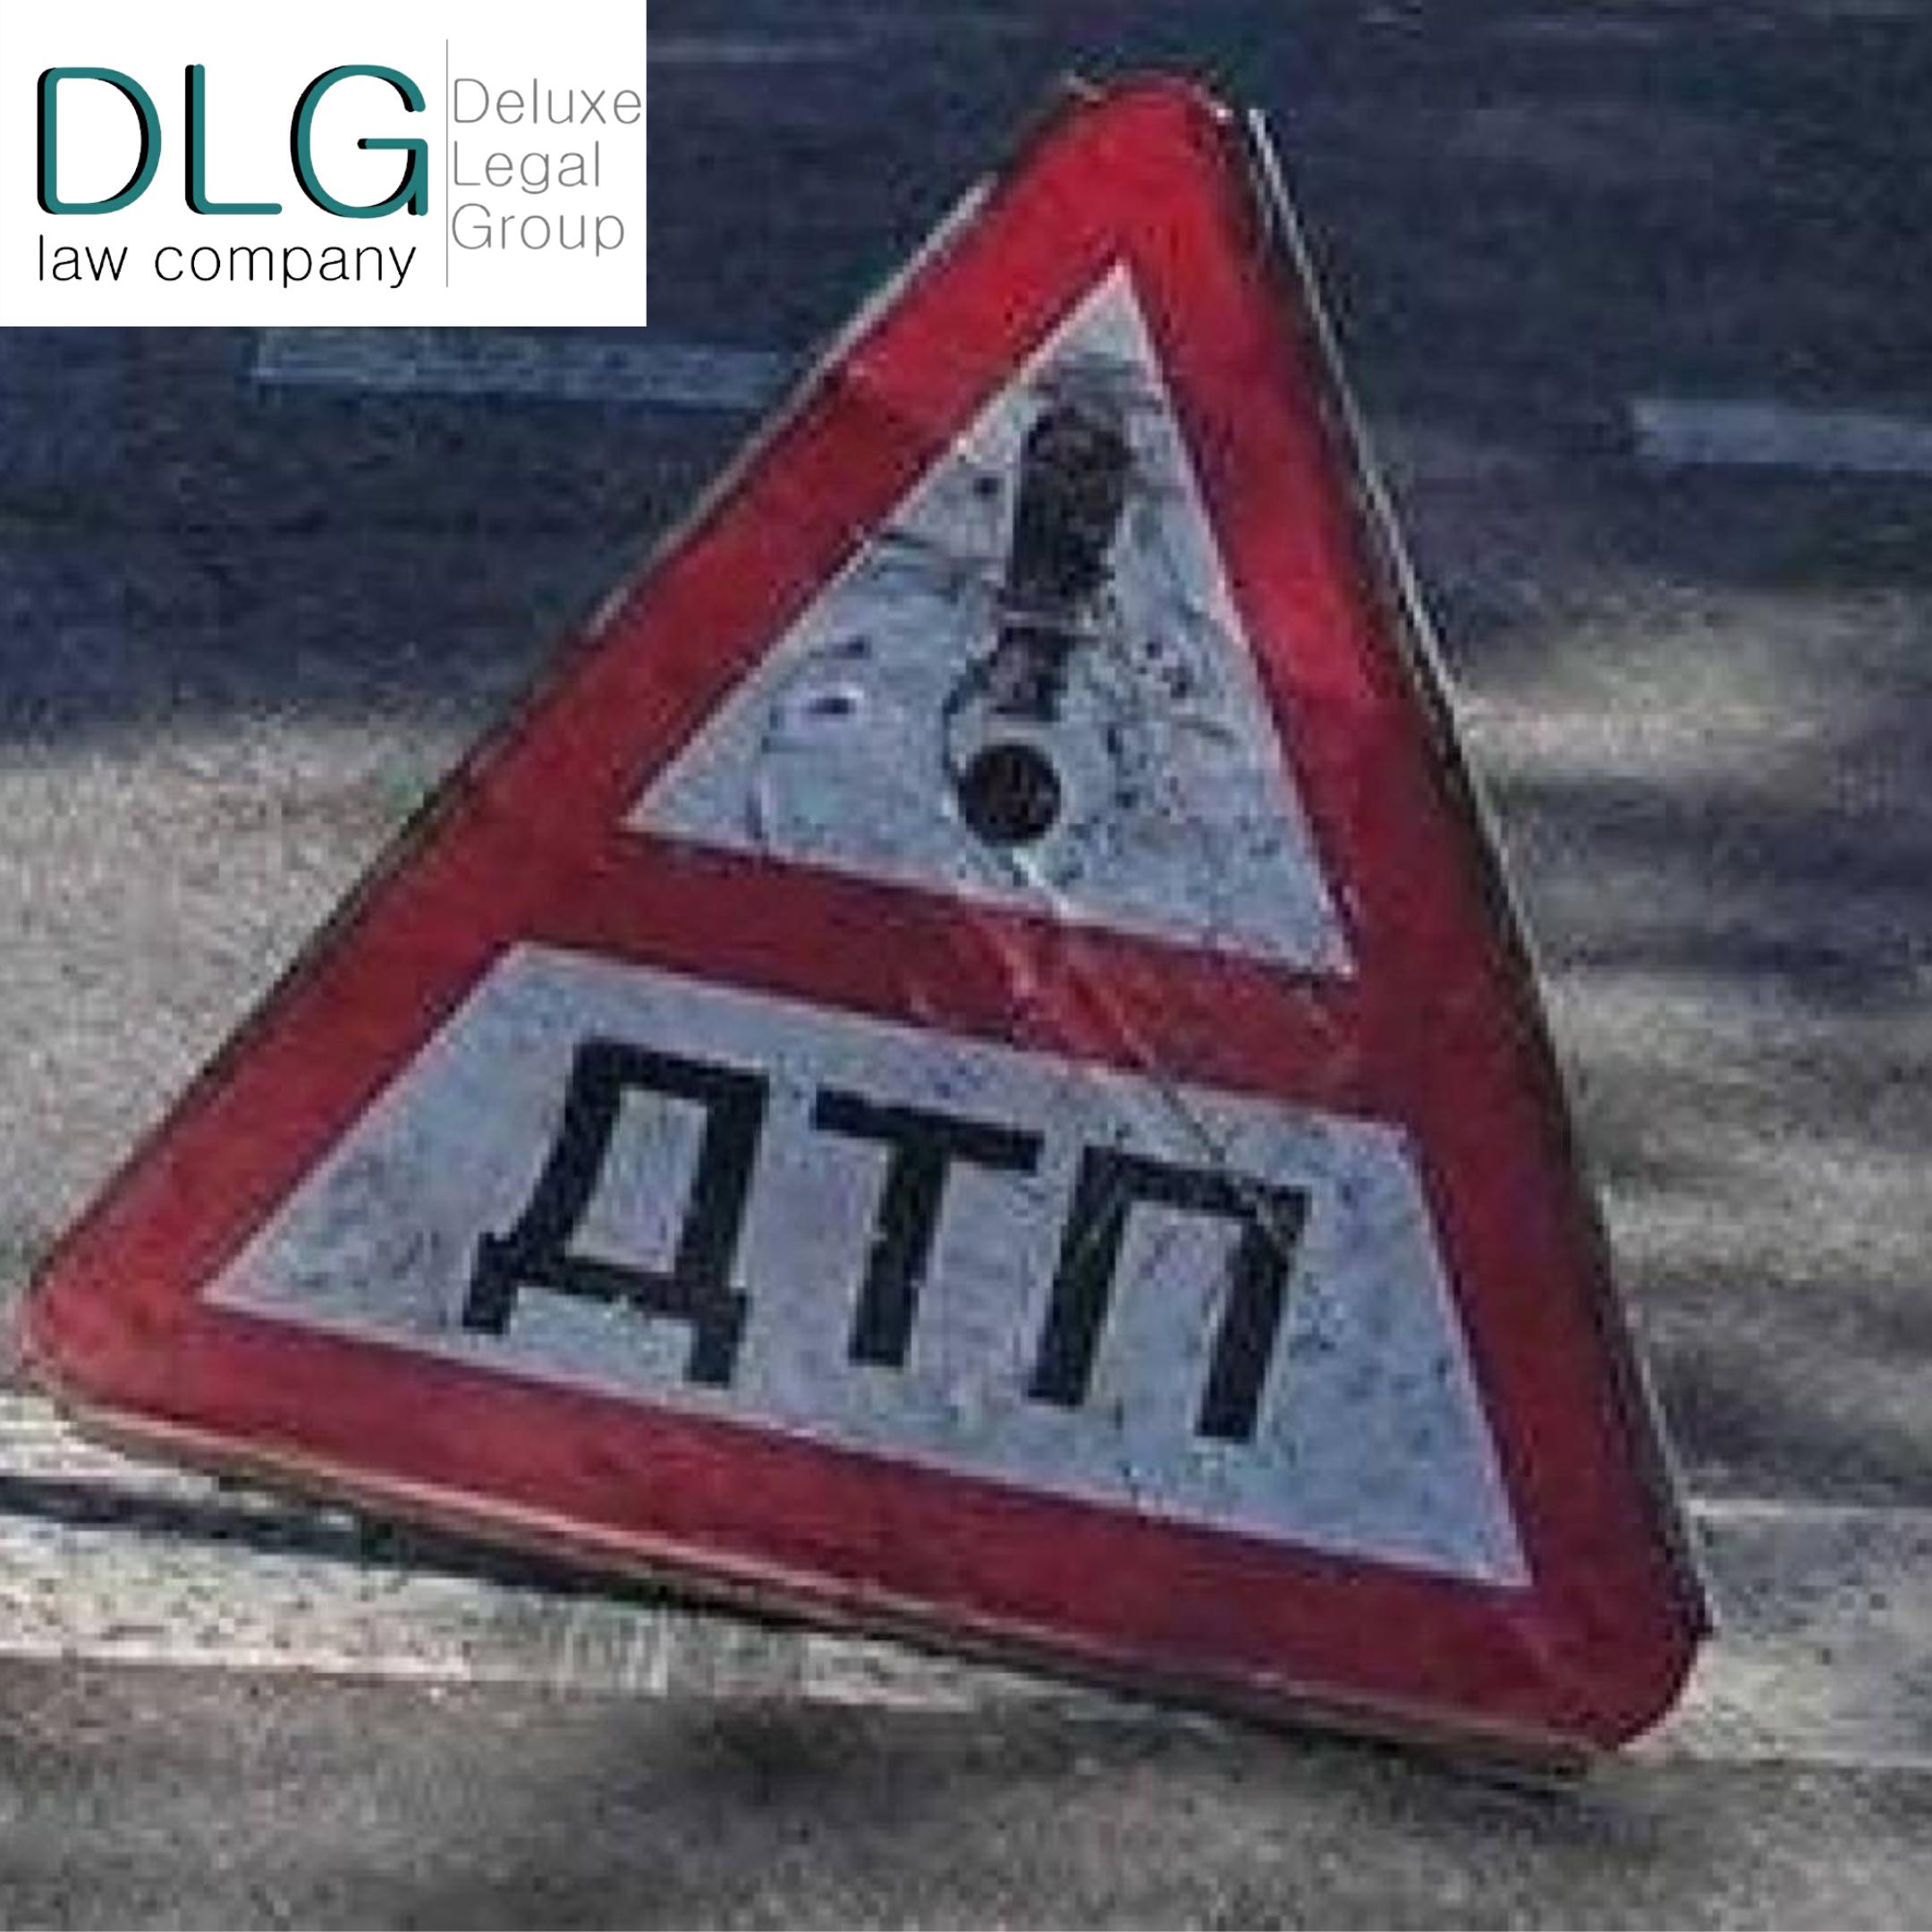 Хто винен в аварії, якщо порушили ПДР два водія?